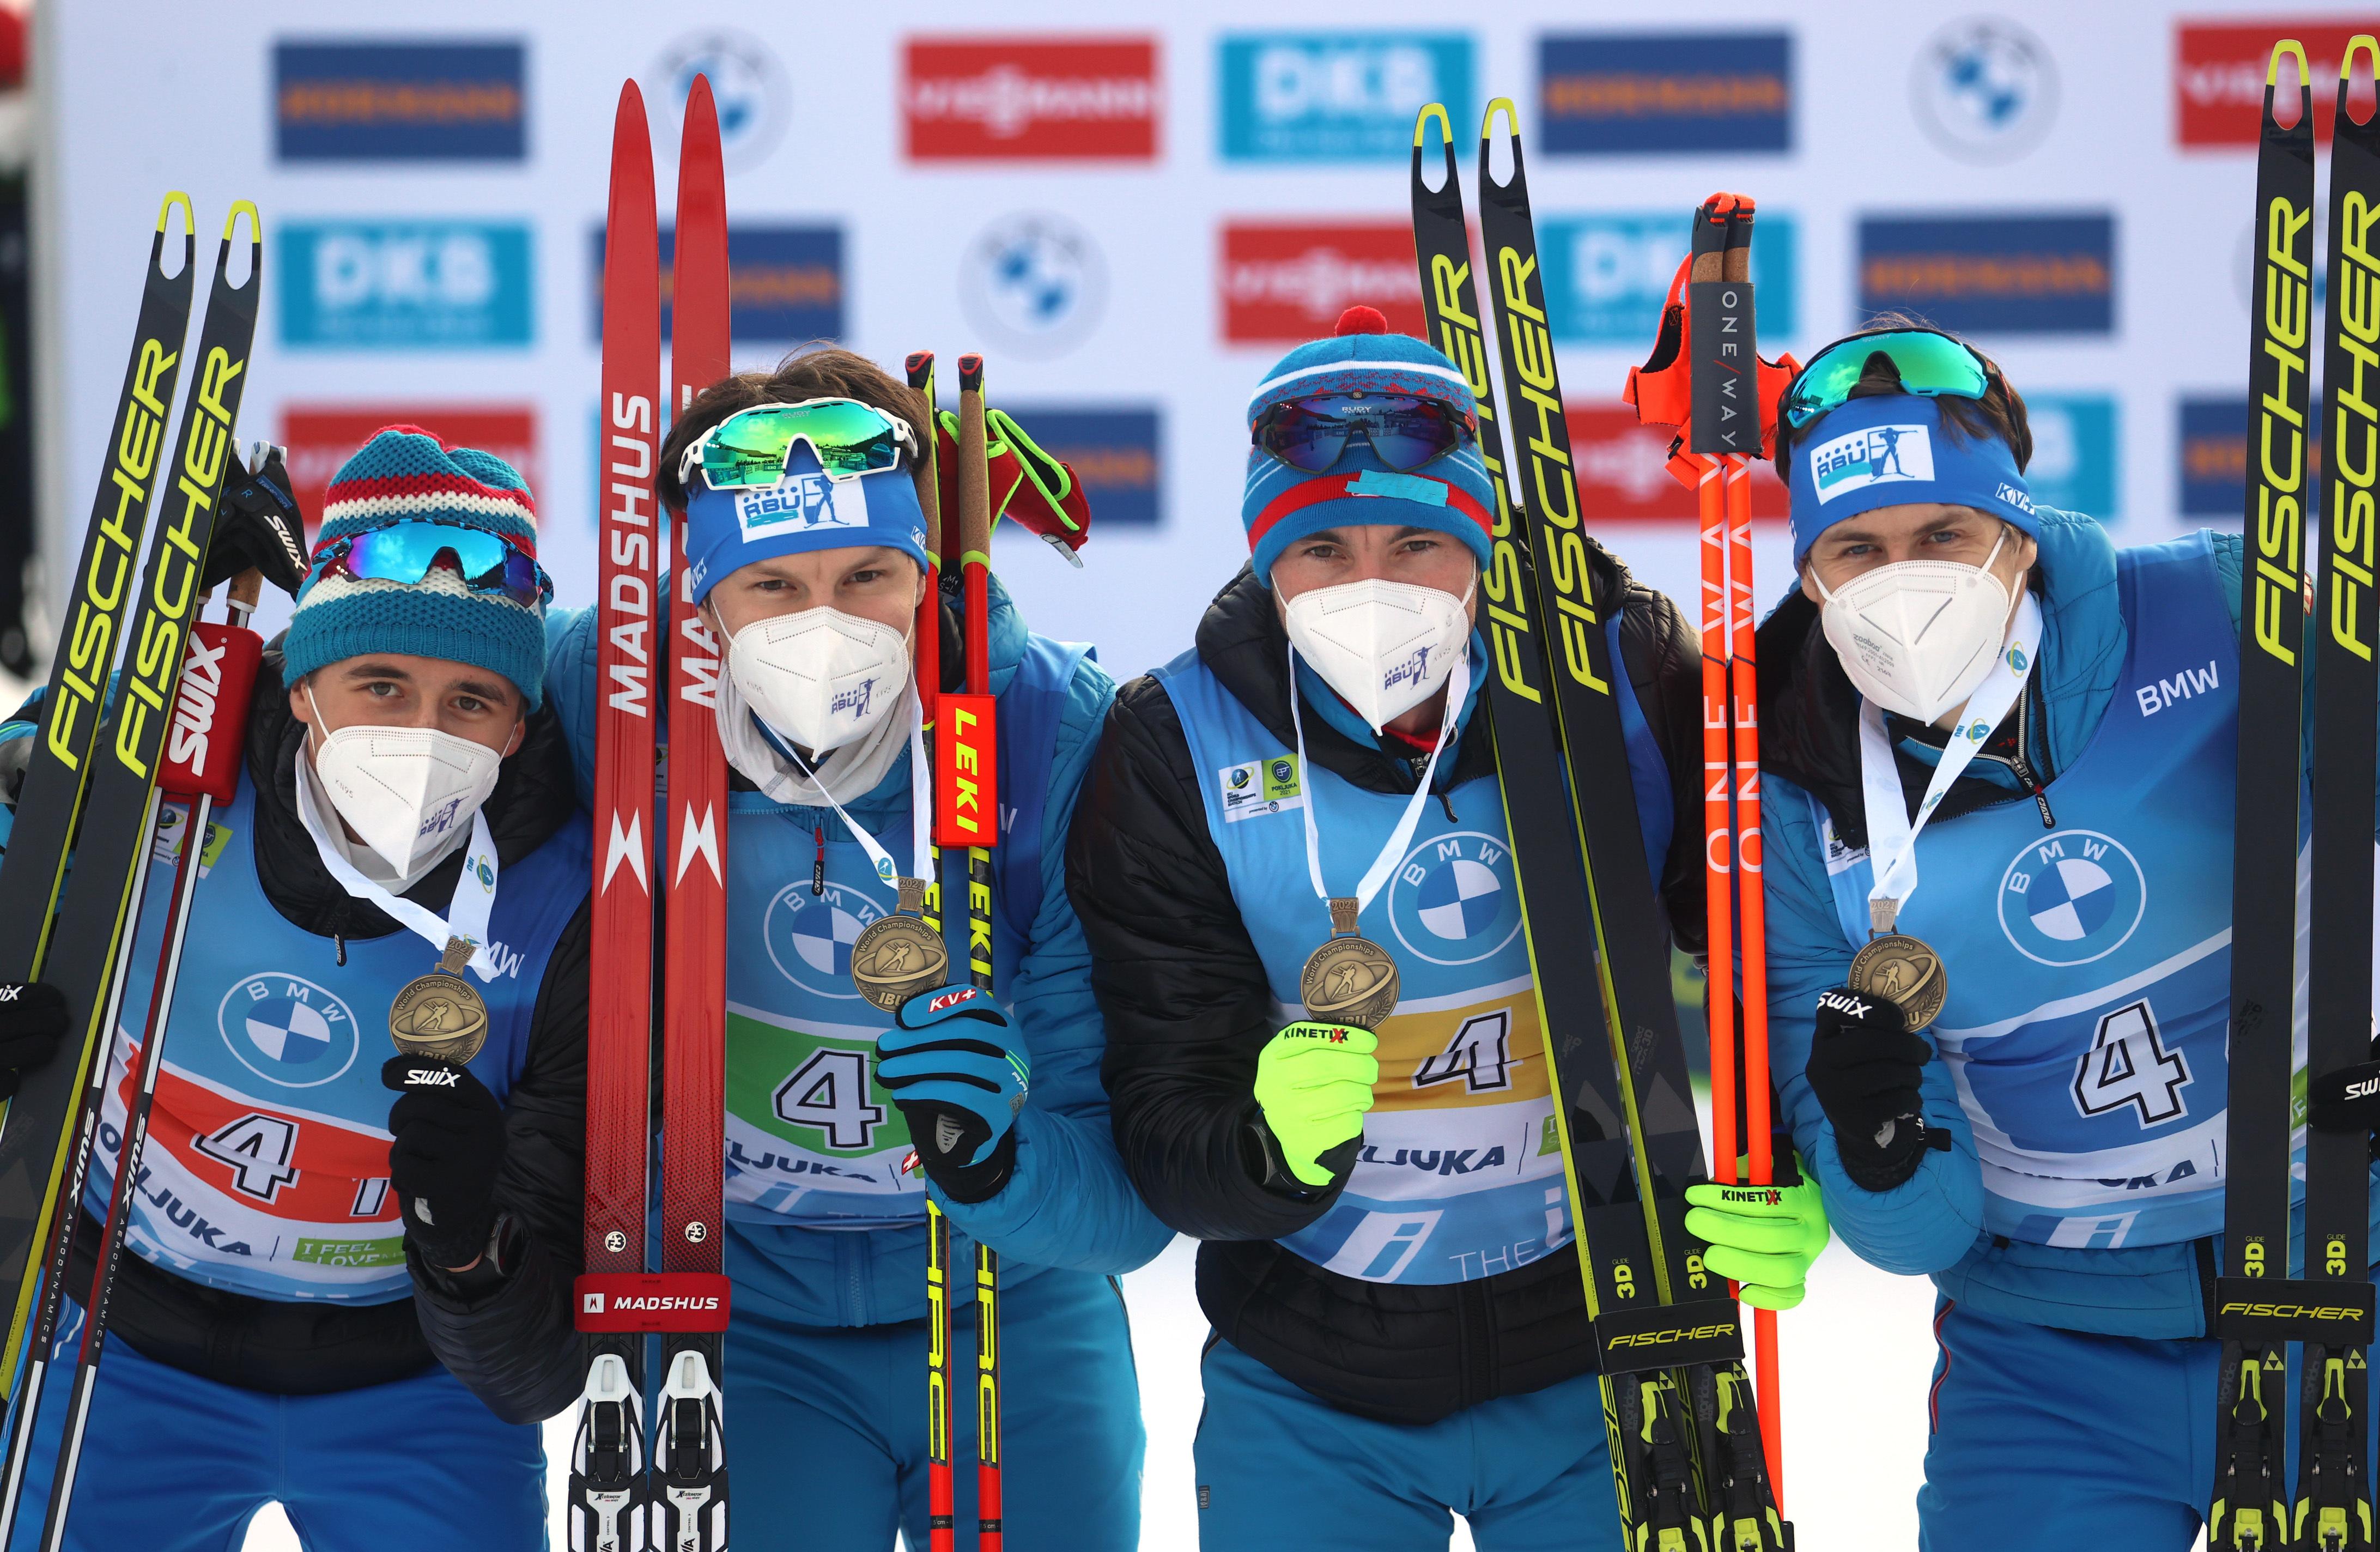 Россияне Саид Каримулла Халили, Матвей Елисеев, Александр Логинов и Эдуард Латыпов заняли третье место в мужской эстафете 4х7,5 км